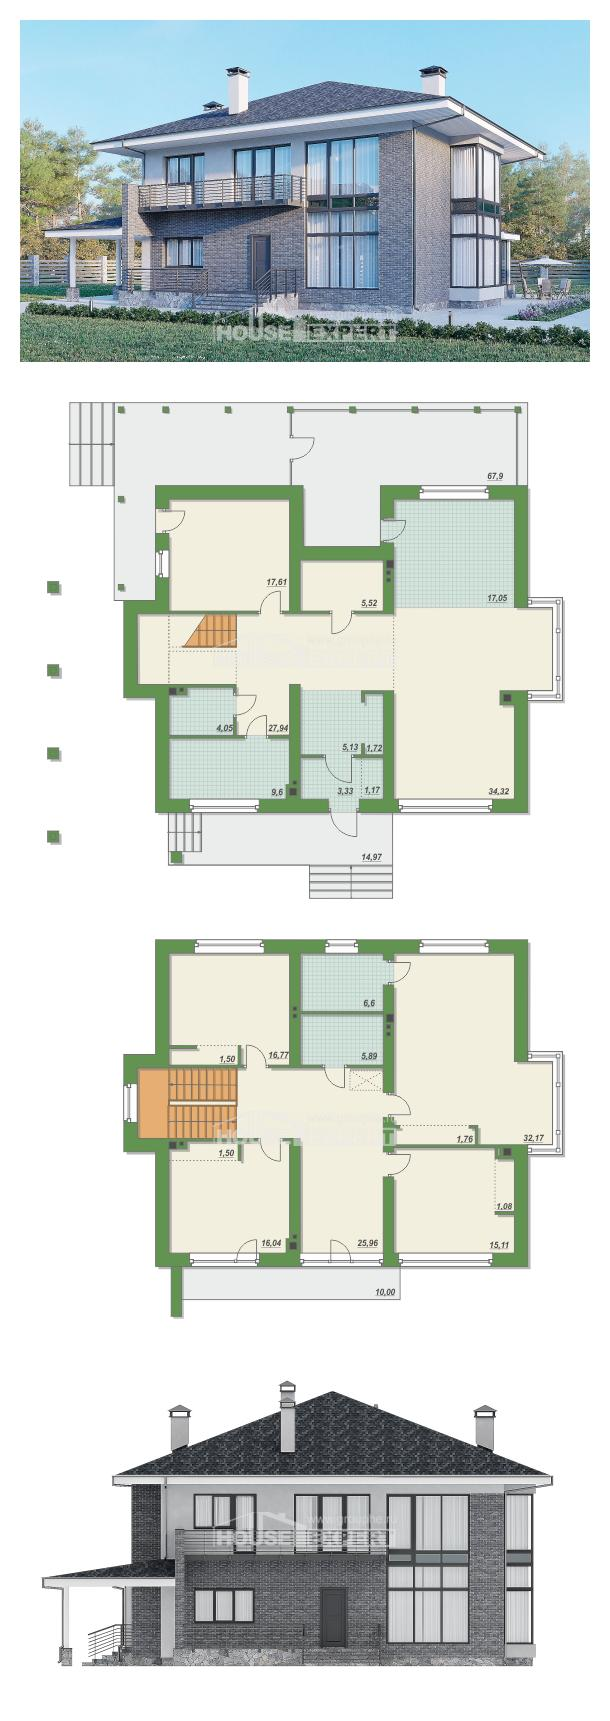 Plan 250-004-L | House Expert